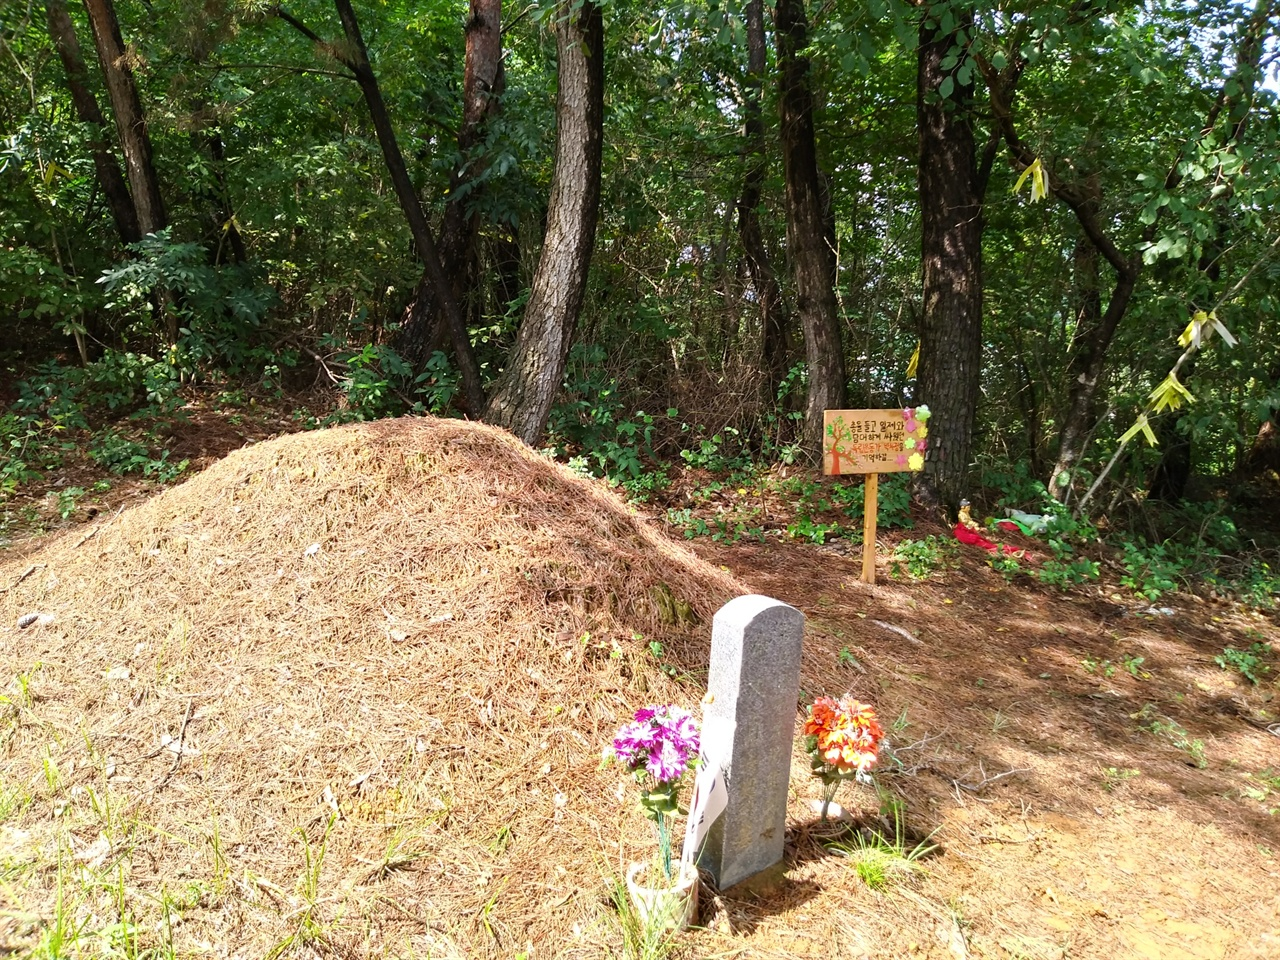 박차정 의사 묘의 모습 봉분 위에 떼가 자라지 않아 벌건 속살이 드러나 있다. 주위에 비슷한 크기의 묘가 많아, 빗돌만 아니라면 이곳이 의사의 묘라는 걸 알기 힘들다. 뒤편으로 아이들이 세워놓은 팻말이 보인다.